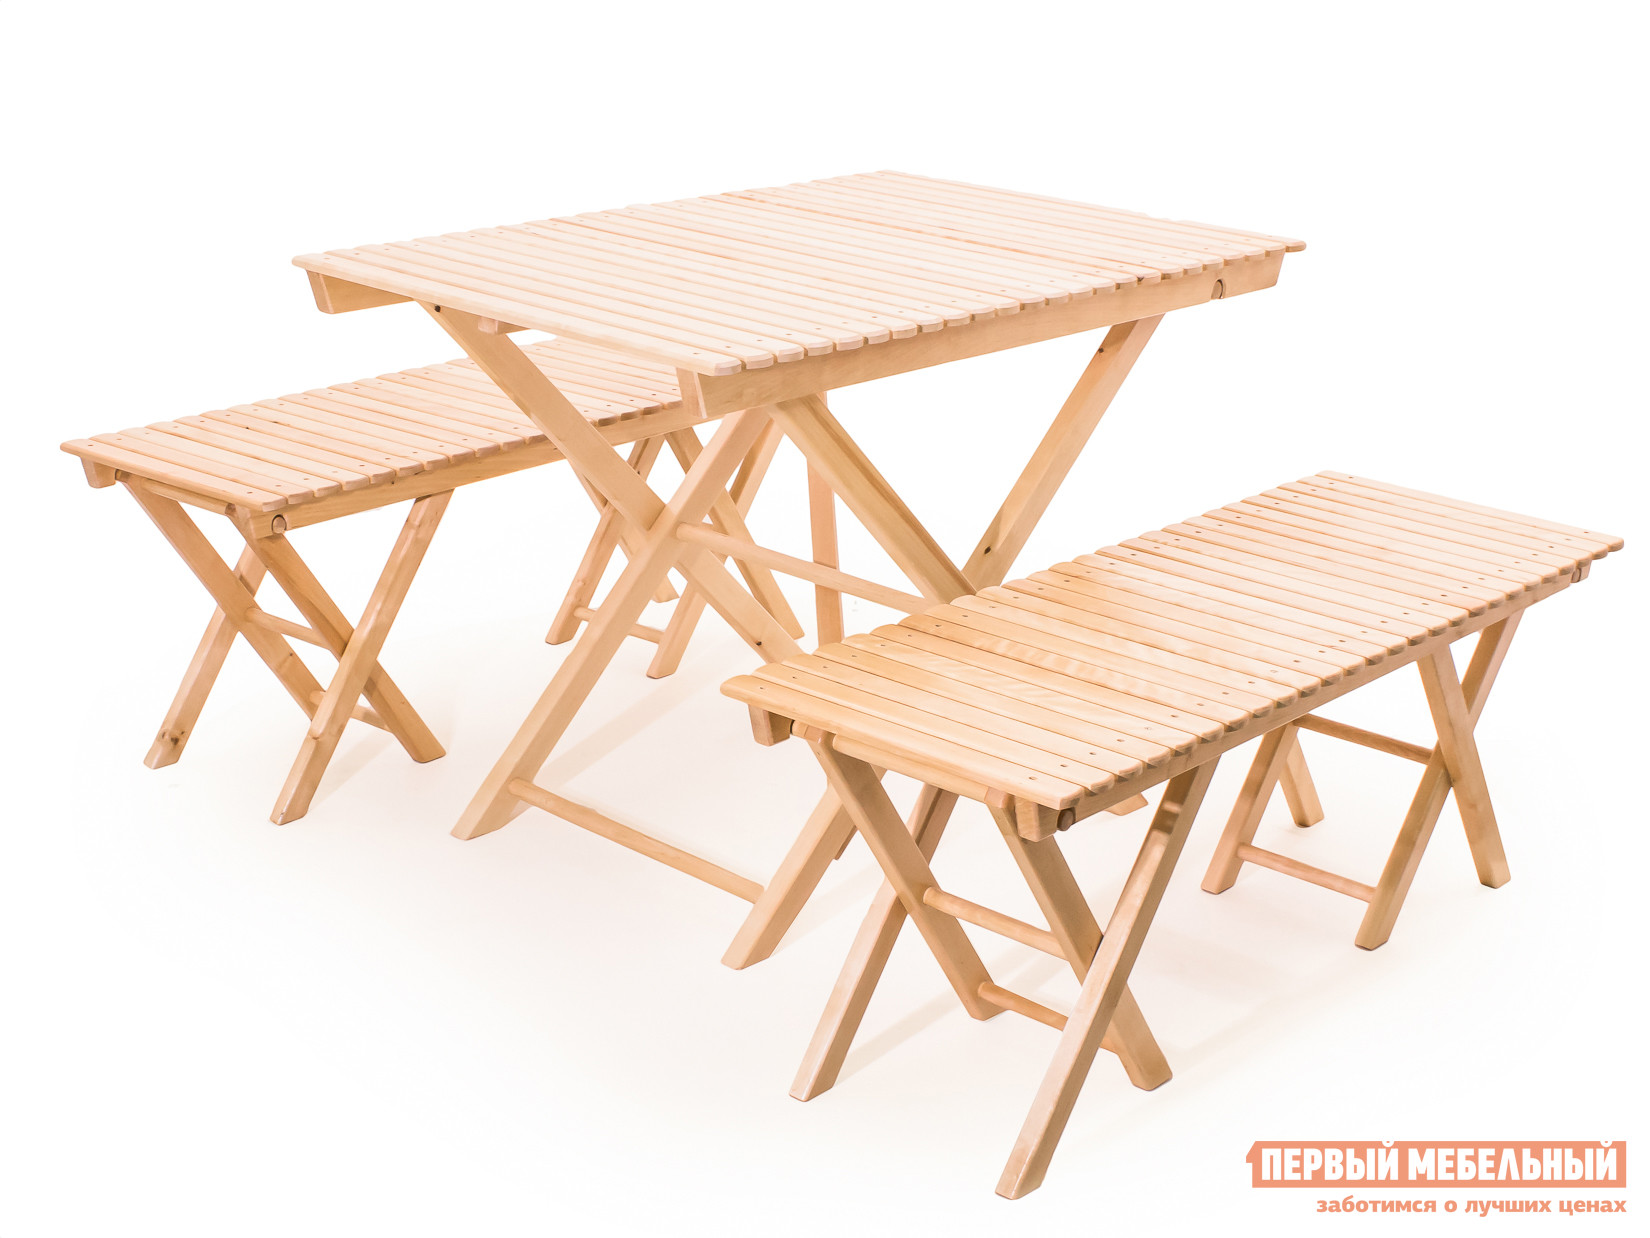 Комплект садовой мебели СМКА СМ004Б+СМ026Б 2 шт БерезаКомплекты садовой мебели<br>Габаритные размеры ВхШхГ xx мм. Любите отдых с семьей в саду и веселые пикники с друзьями? Комплект складной мебели Комирис организует для вас уютное пространство в парке или на даче. Комплект состоит из двух реечных лавок и стола.  Размеры каждой лавки составляют (ВхШхГ): 450 х 1150 х 450 мм, а стола (ВхШхГ): 750 х 1030 х 670 мм.  Набор разместит с комфортом четыре взрослых человека или шестеро детей.  Изделия изготовлены из массива березы и покрыты специальным лаком-грунтовкой, который предохраняет поверхность от воздействия влаги и солнечного излучения.<br><br>Цвет: Светлое дерево<br>Кол-во упаковок: 3<br>Форма поставки: В собранном виде<br>Срок гарантии: 1 год<br>Тип: С обеденным столом<br>Тип: С лавками<br>Материал: Массив дерева<br>Порода дерева: Береза<br>Вместимость: На 4 персоны